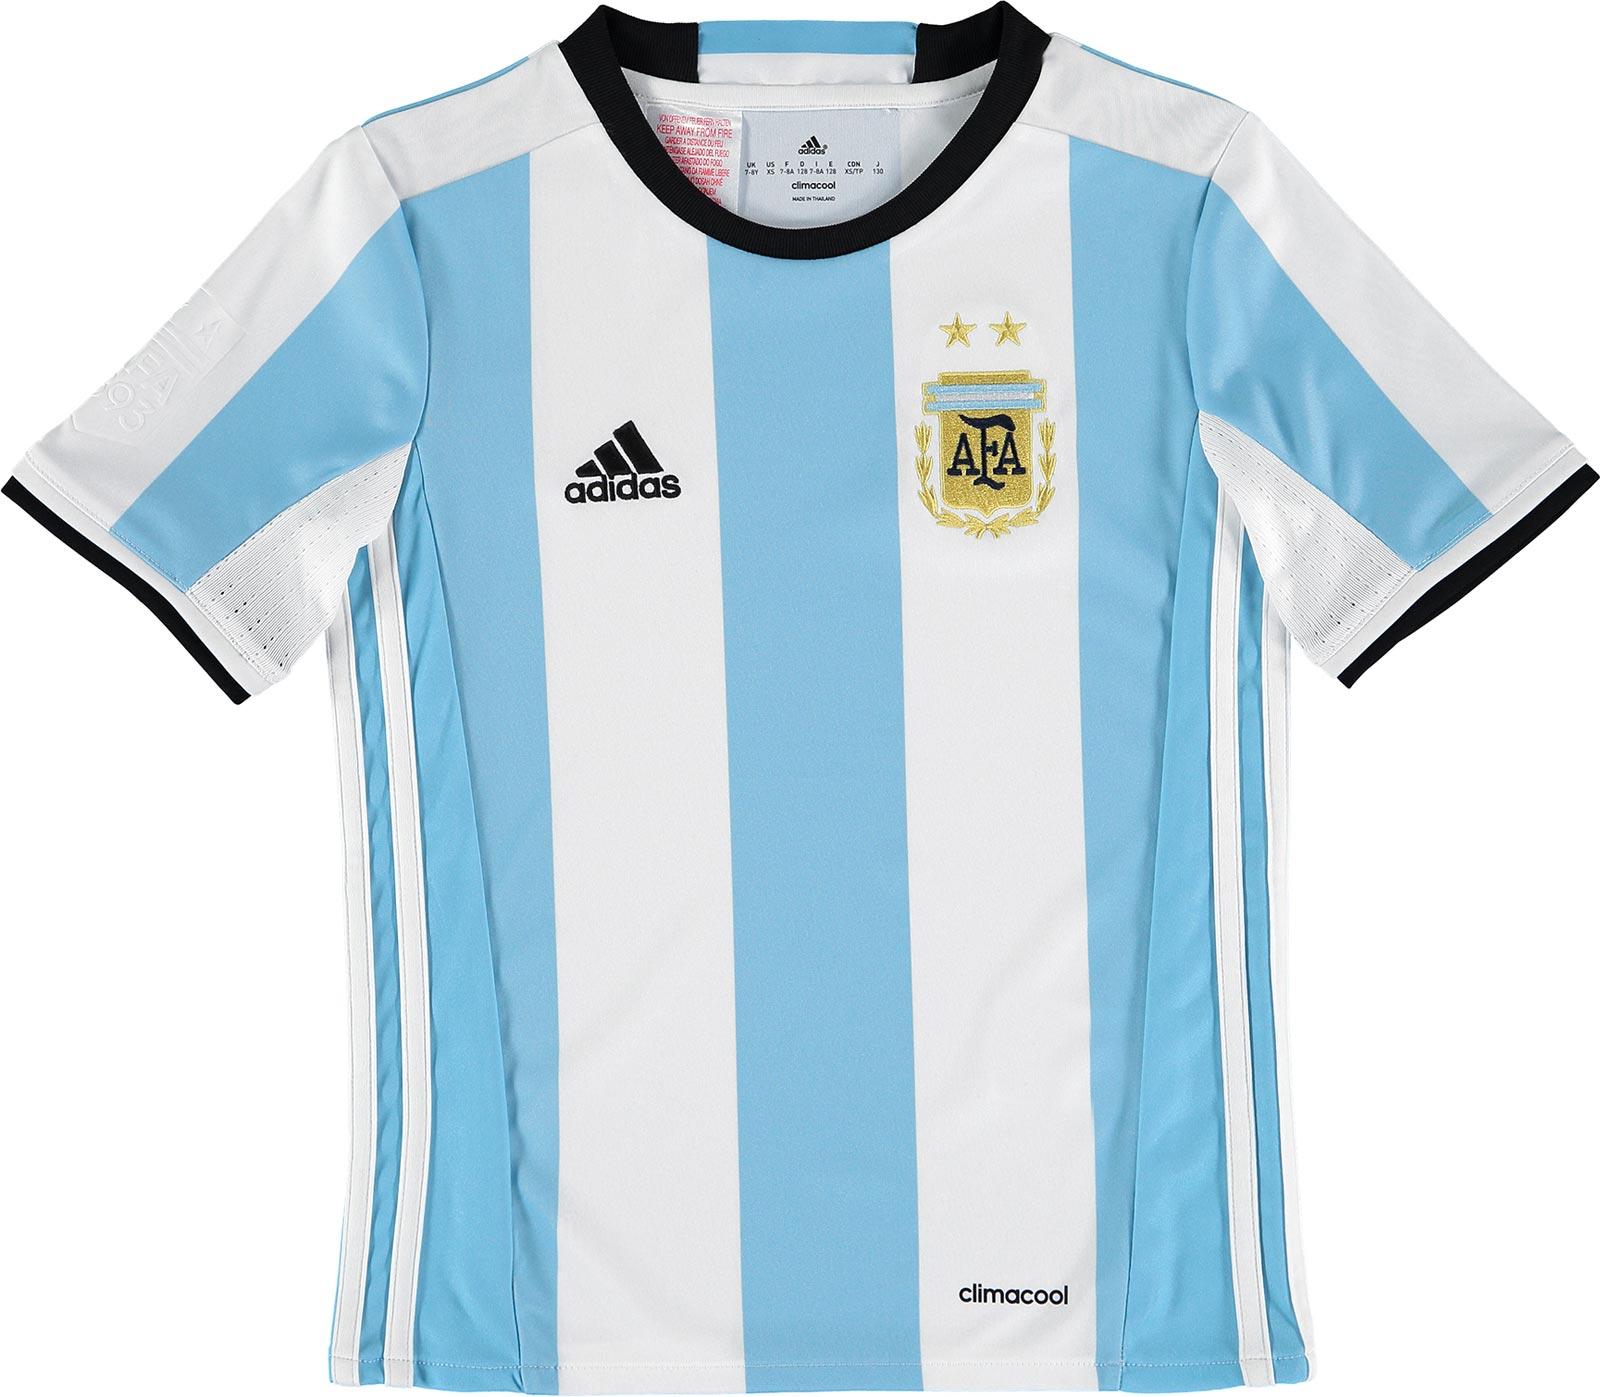 ea3098a718 Adidas divulga a nova camisa titular da Argentina - Show de Camisas